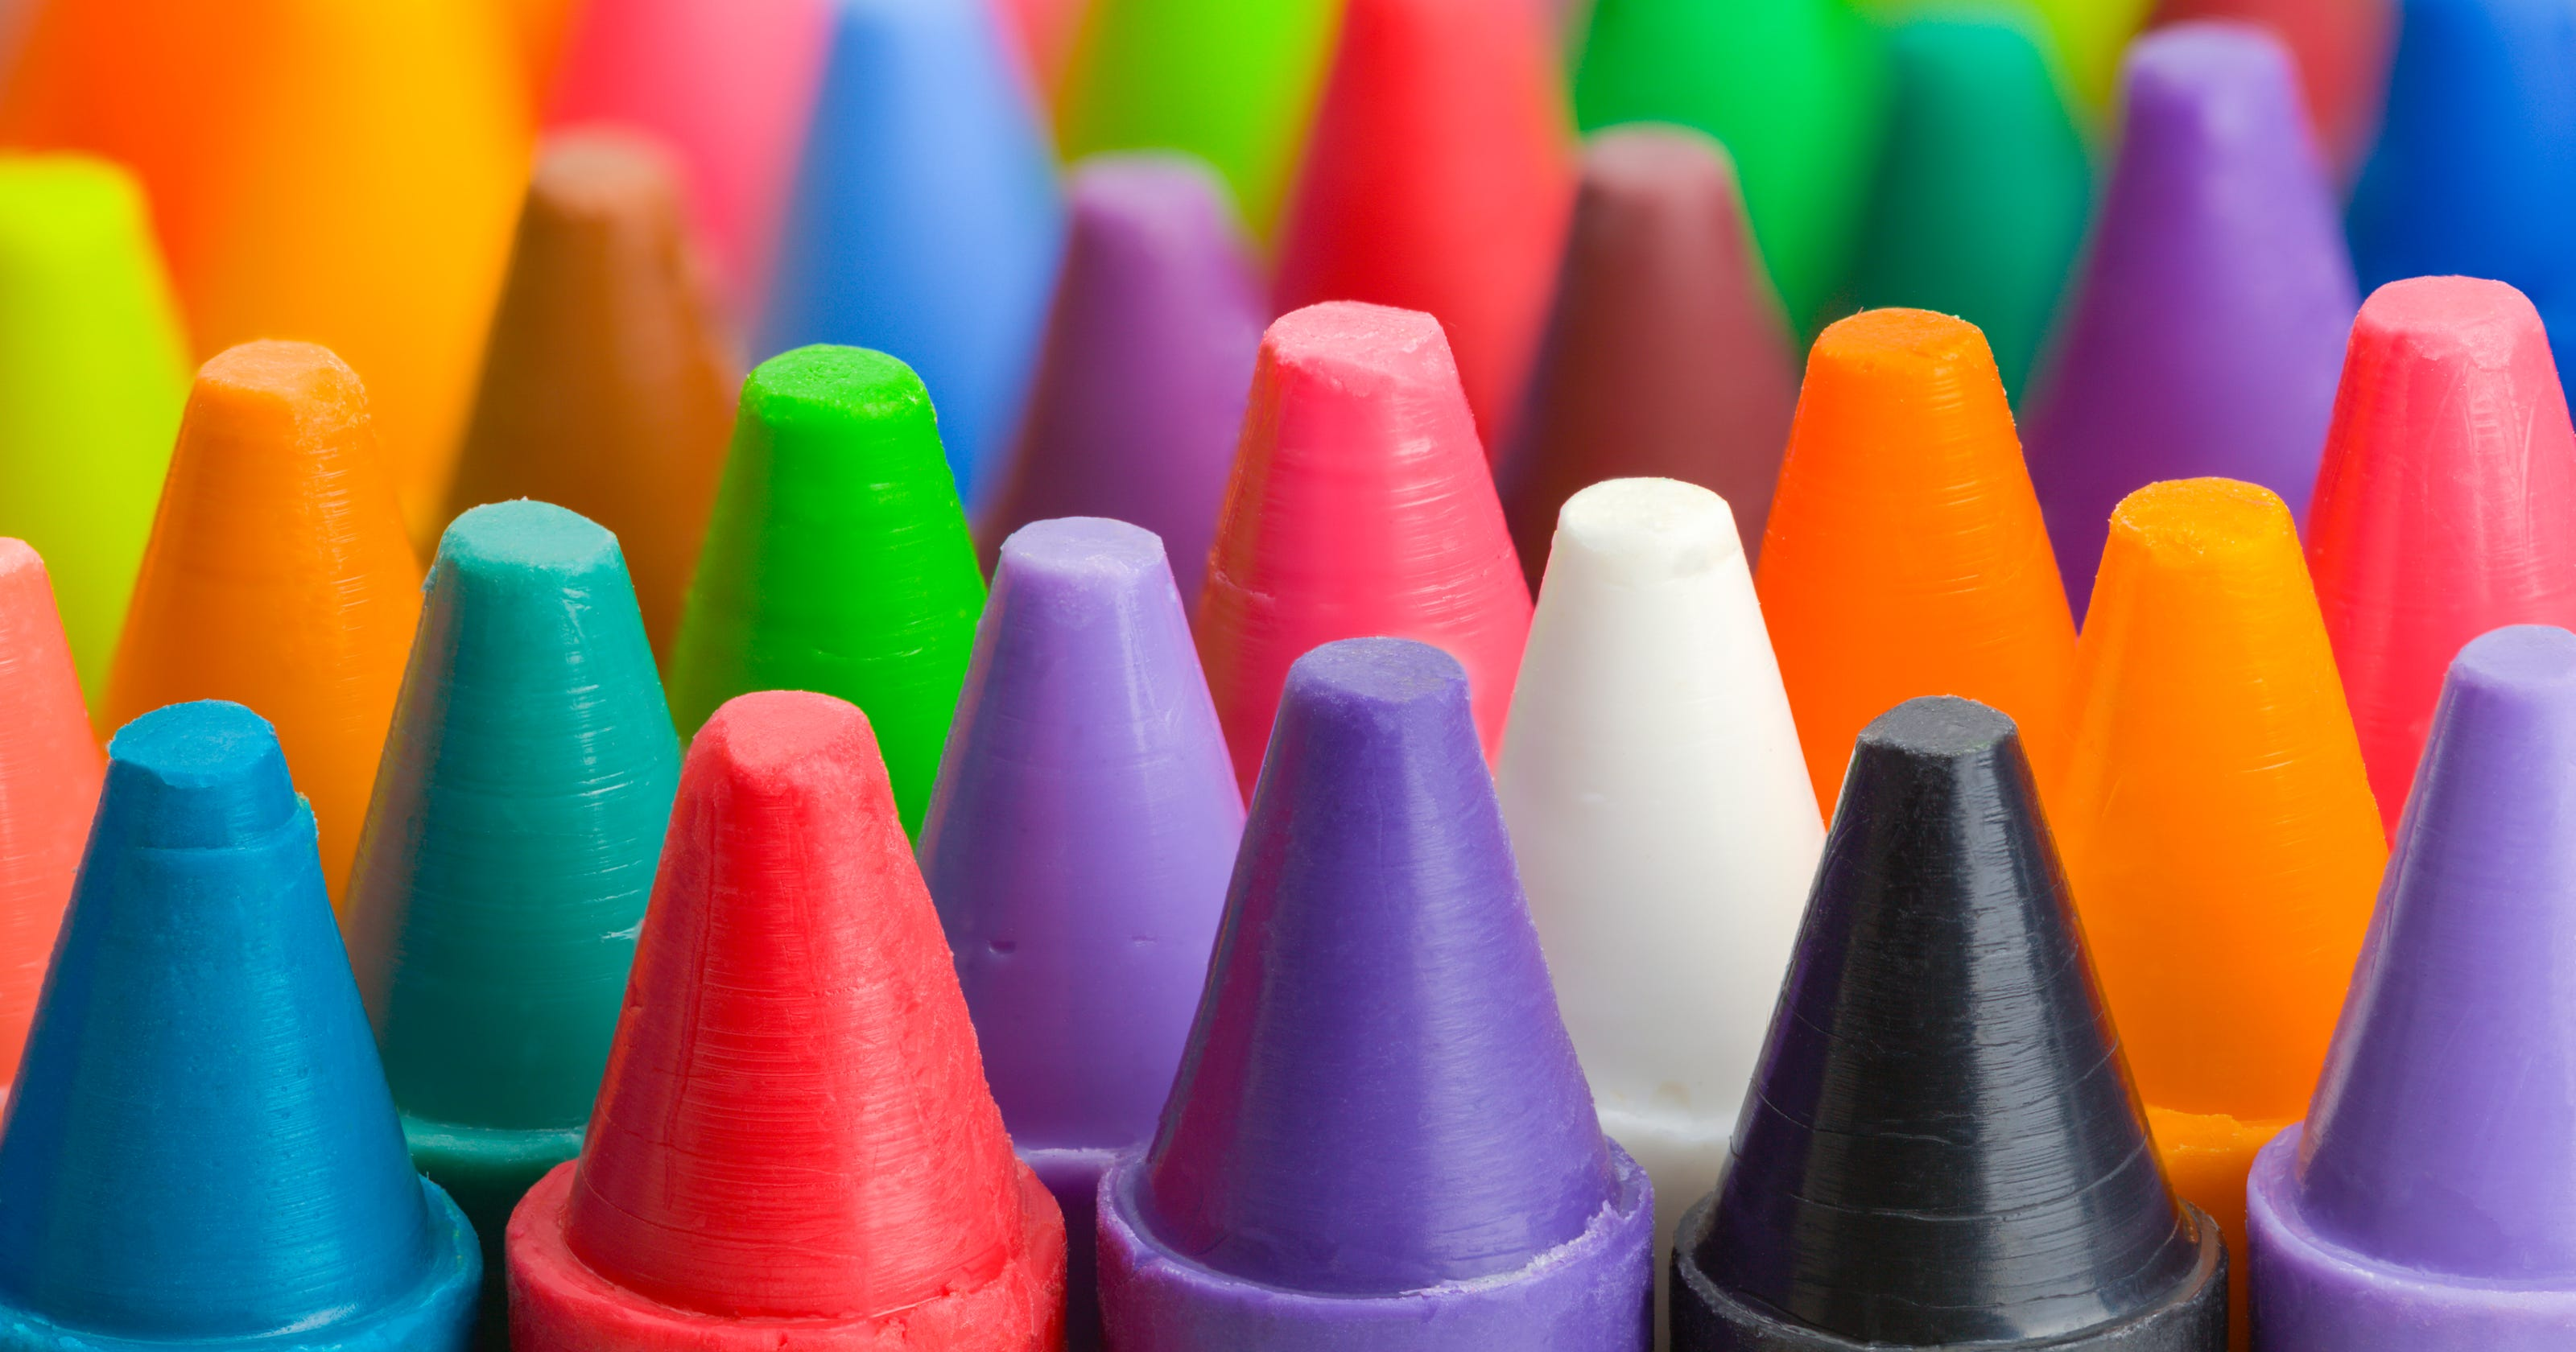 So Long Dandelion Crayola Retiring Crayon Color